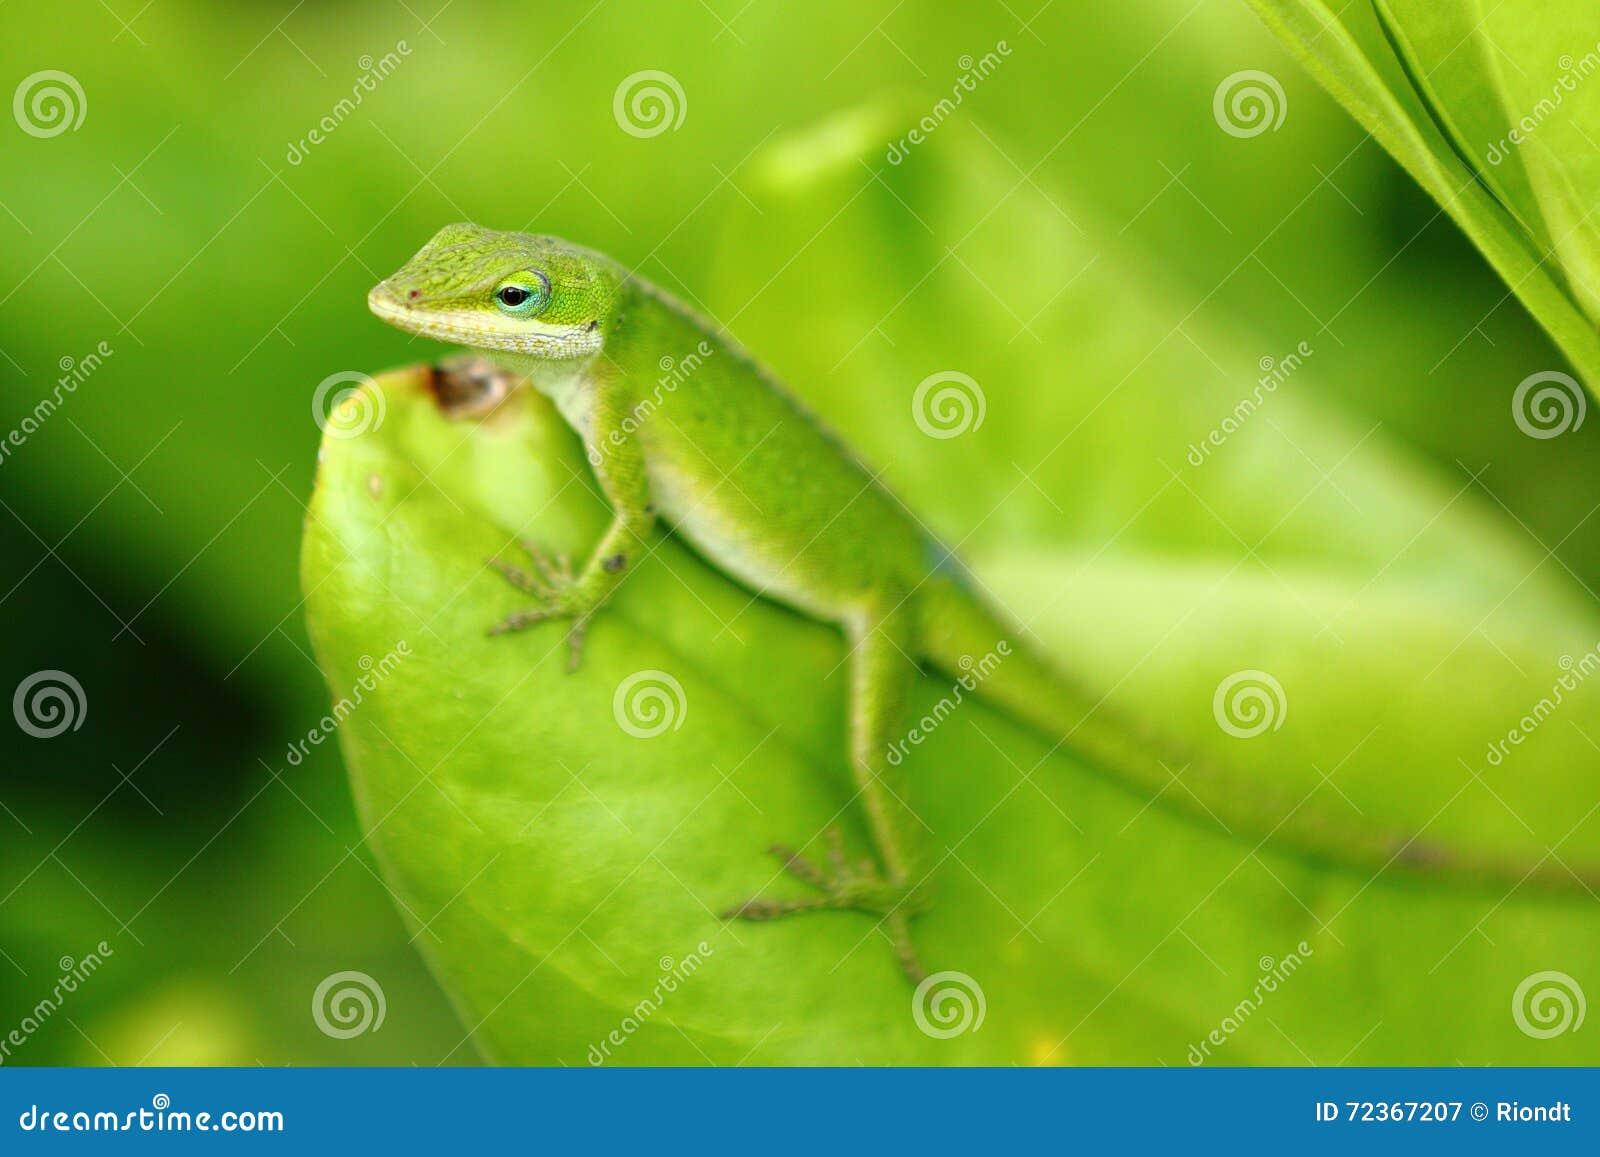 Anole卡罗来纳州蜥蜴